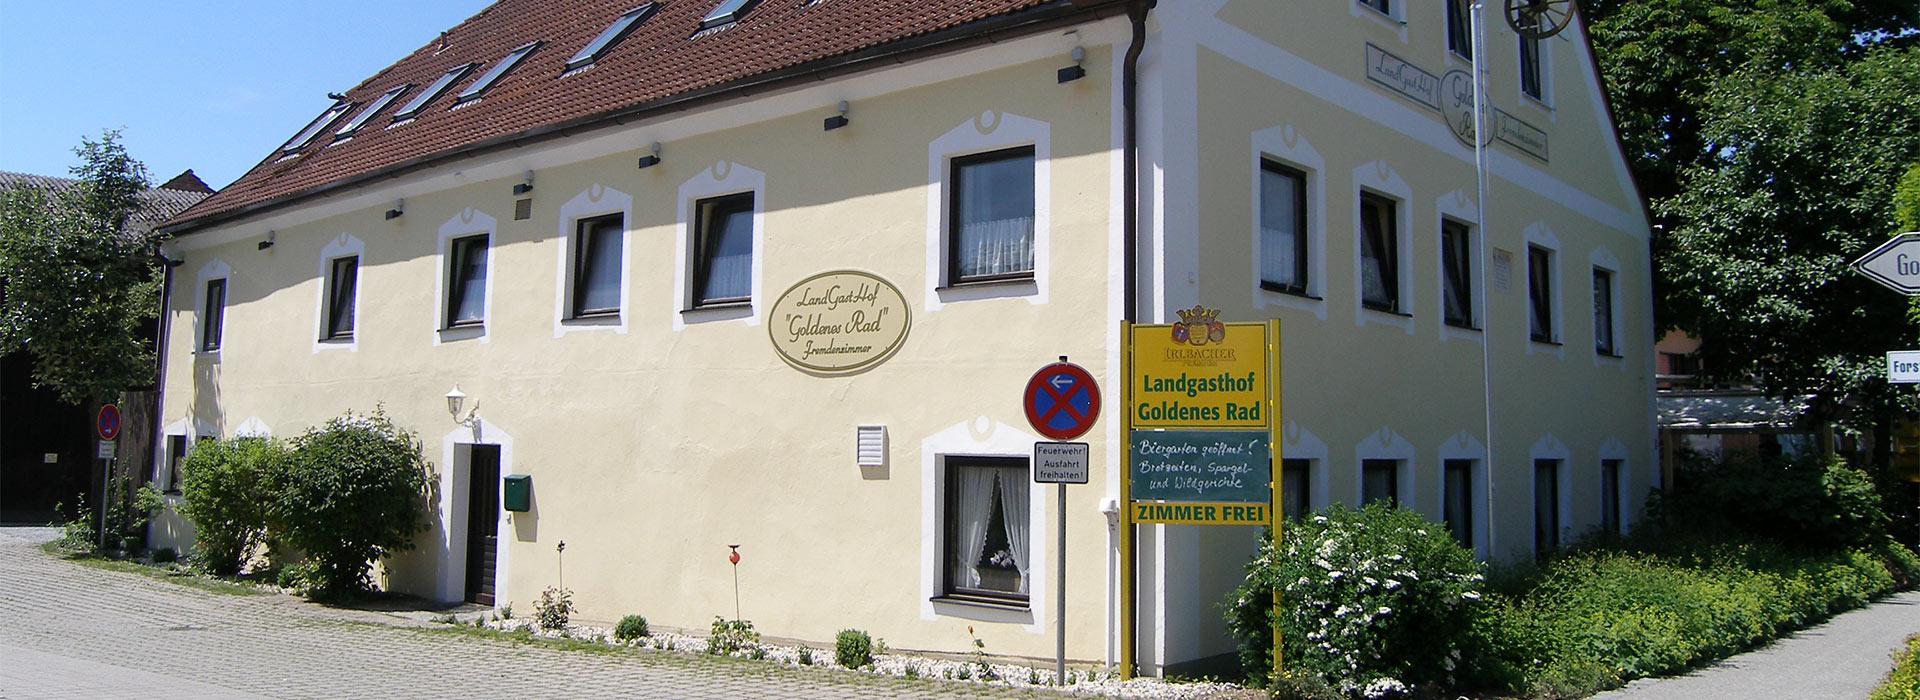 Gästezimmer und Gaststätte mit Biergarten in Aiterhofen bei Straubing